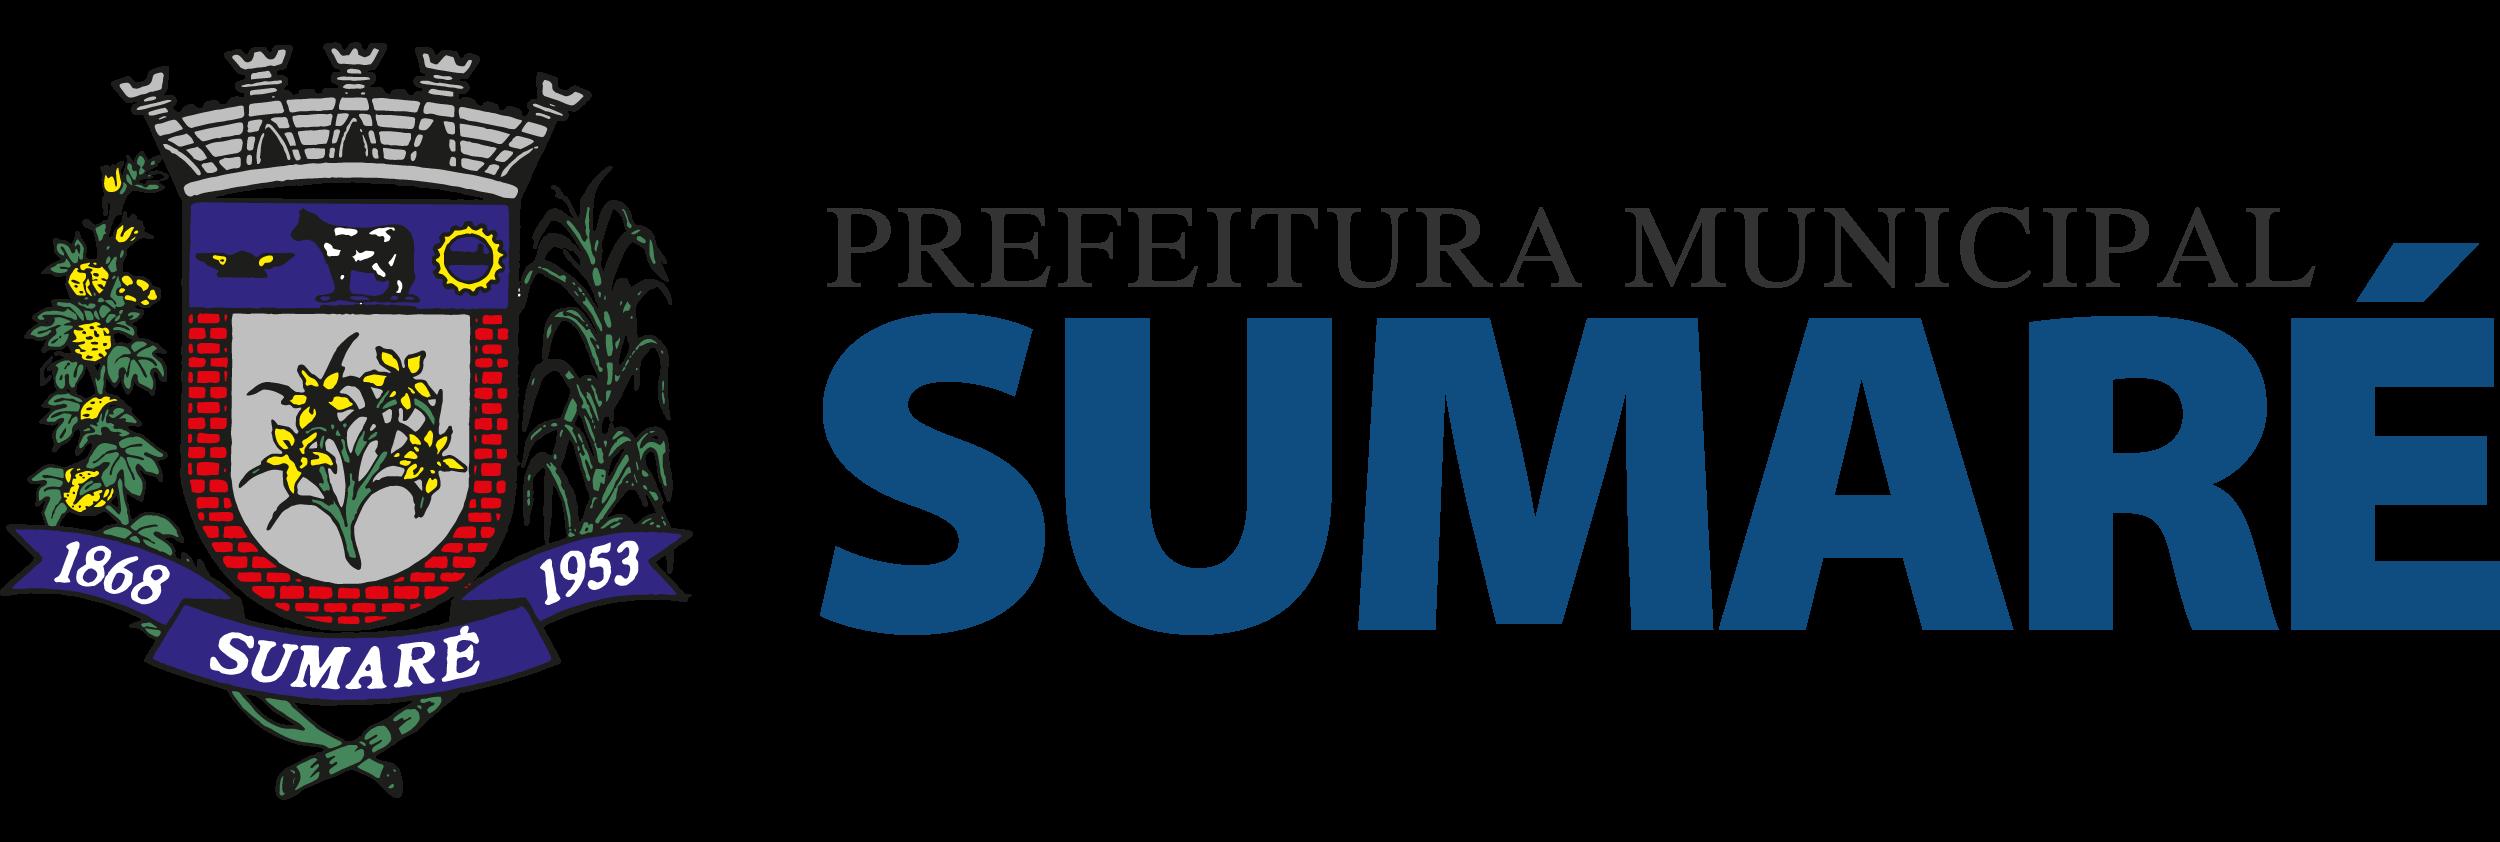 8e50f85e53679 Prefeitura Municipal de Sumaré